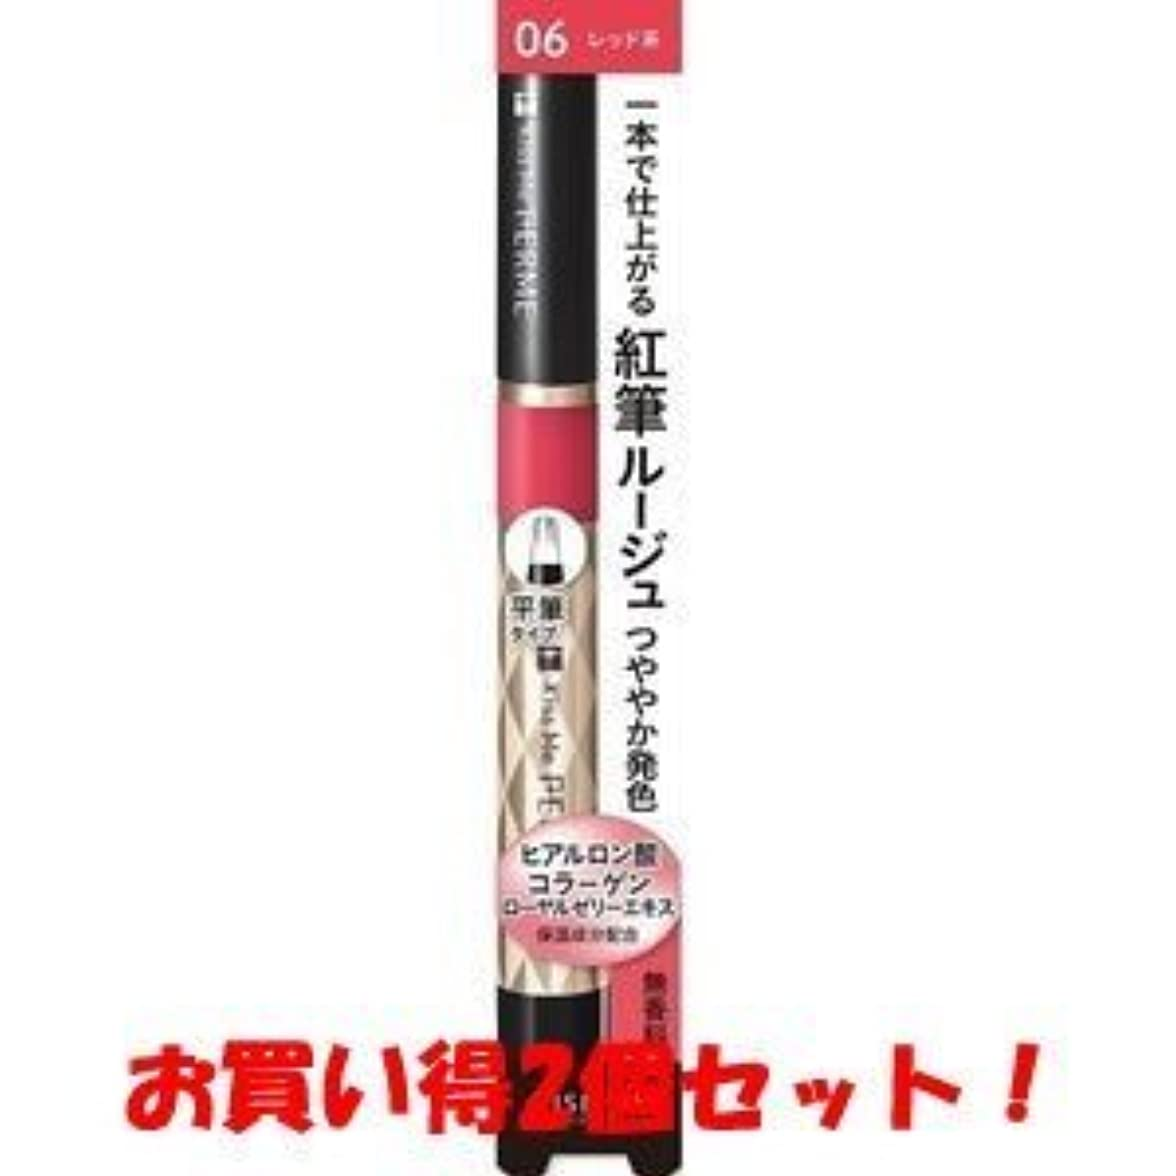 遺棄された州控えめな(伊勢半)キスミー フェルム 紅筆リキッドルージュ 06 明るいレッド 1.9g(お買い得2個セット)